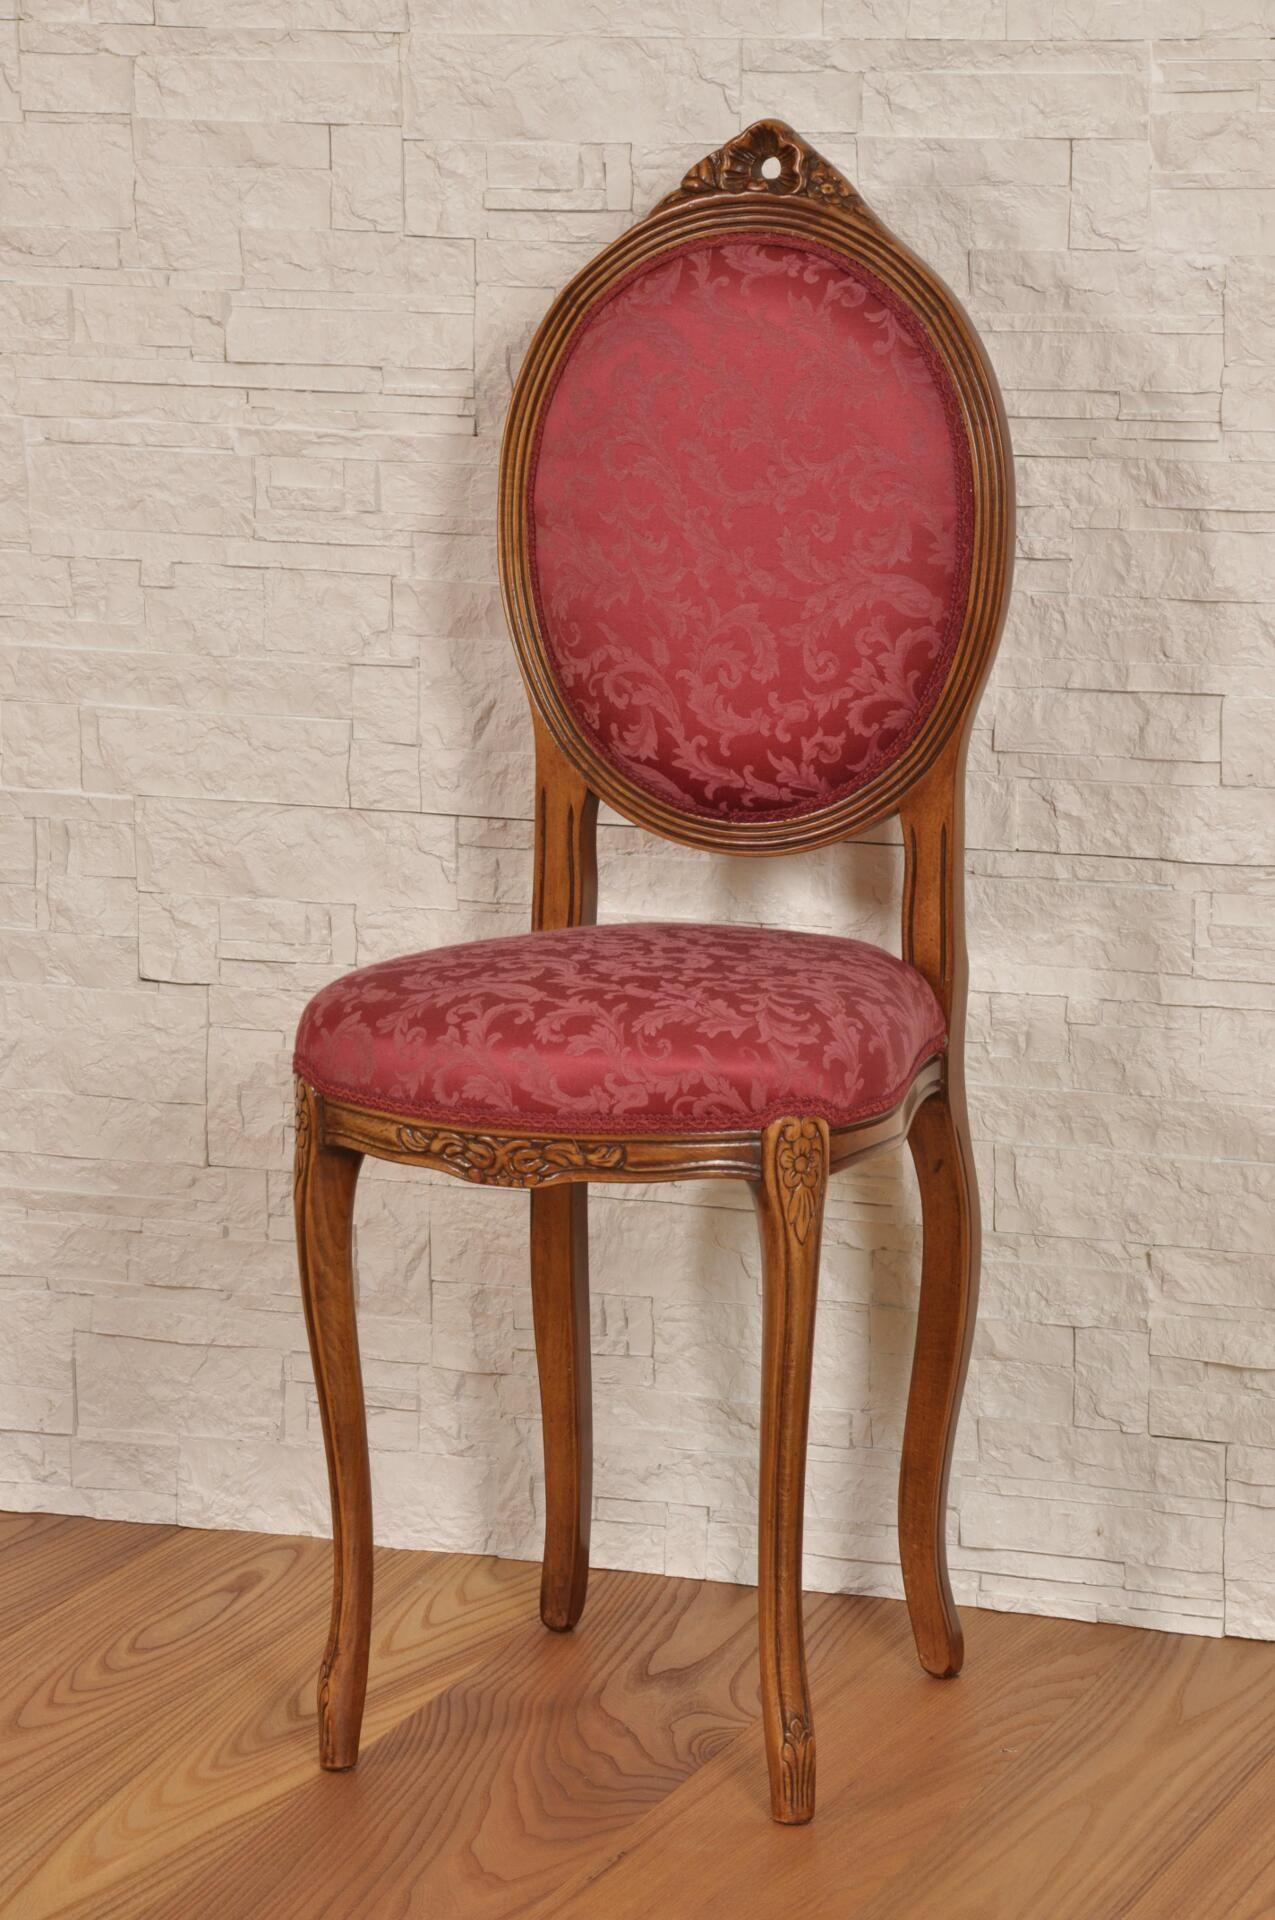 Piccola sedia da ingresso o da camera con schienale ovale in